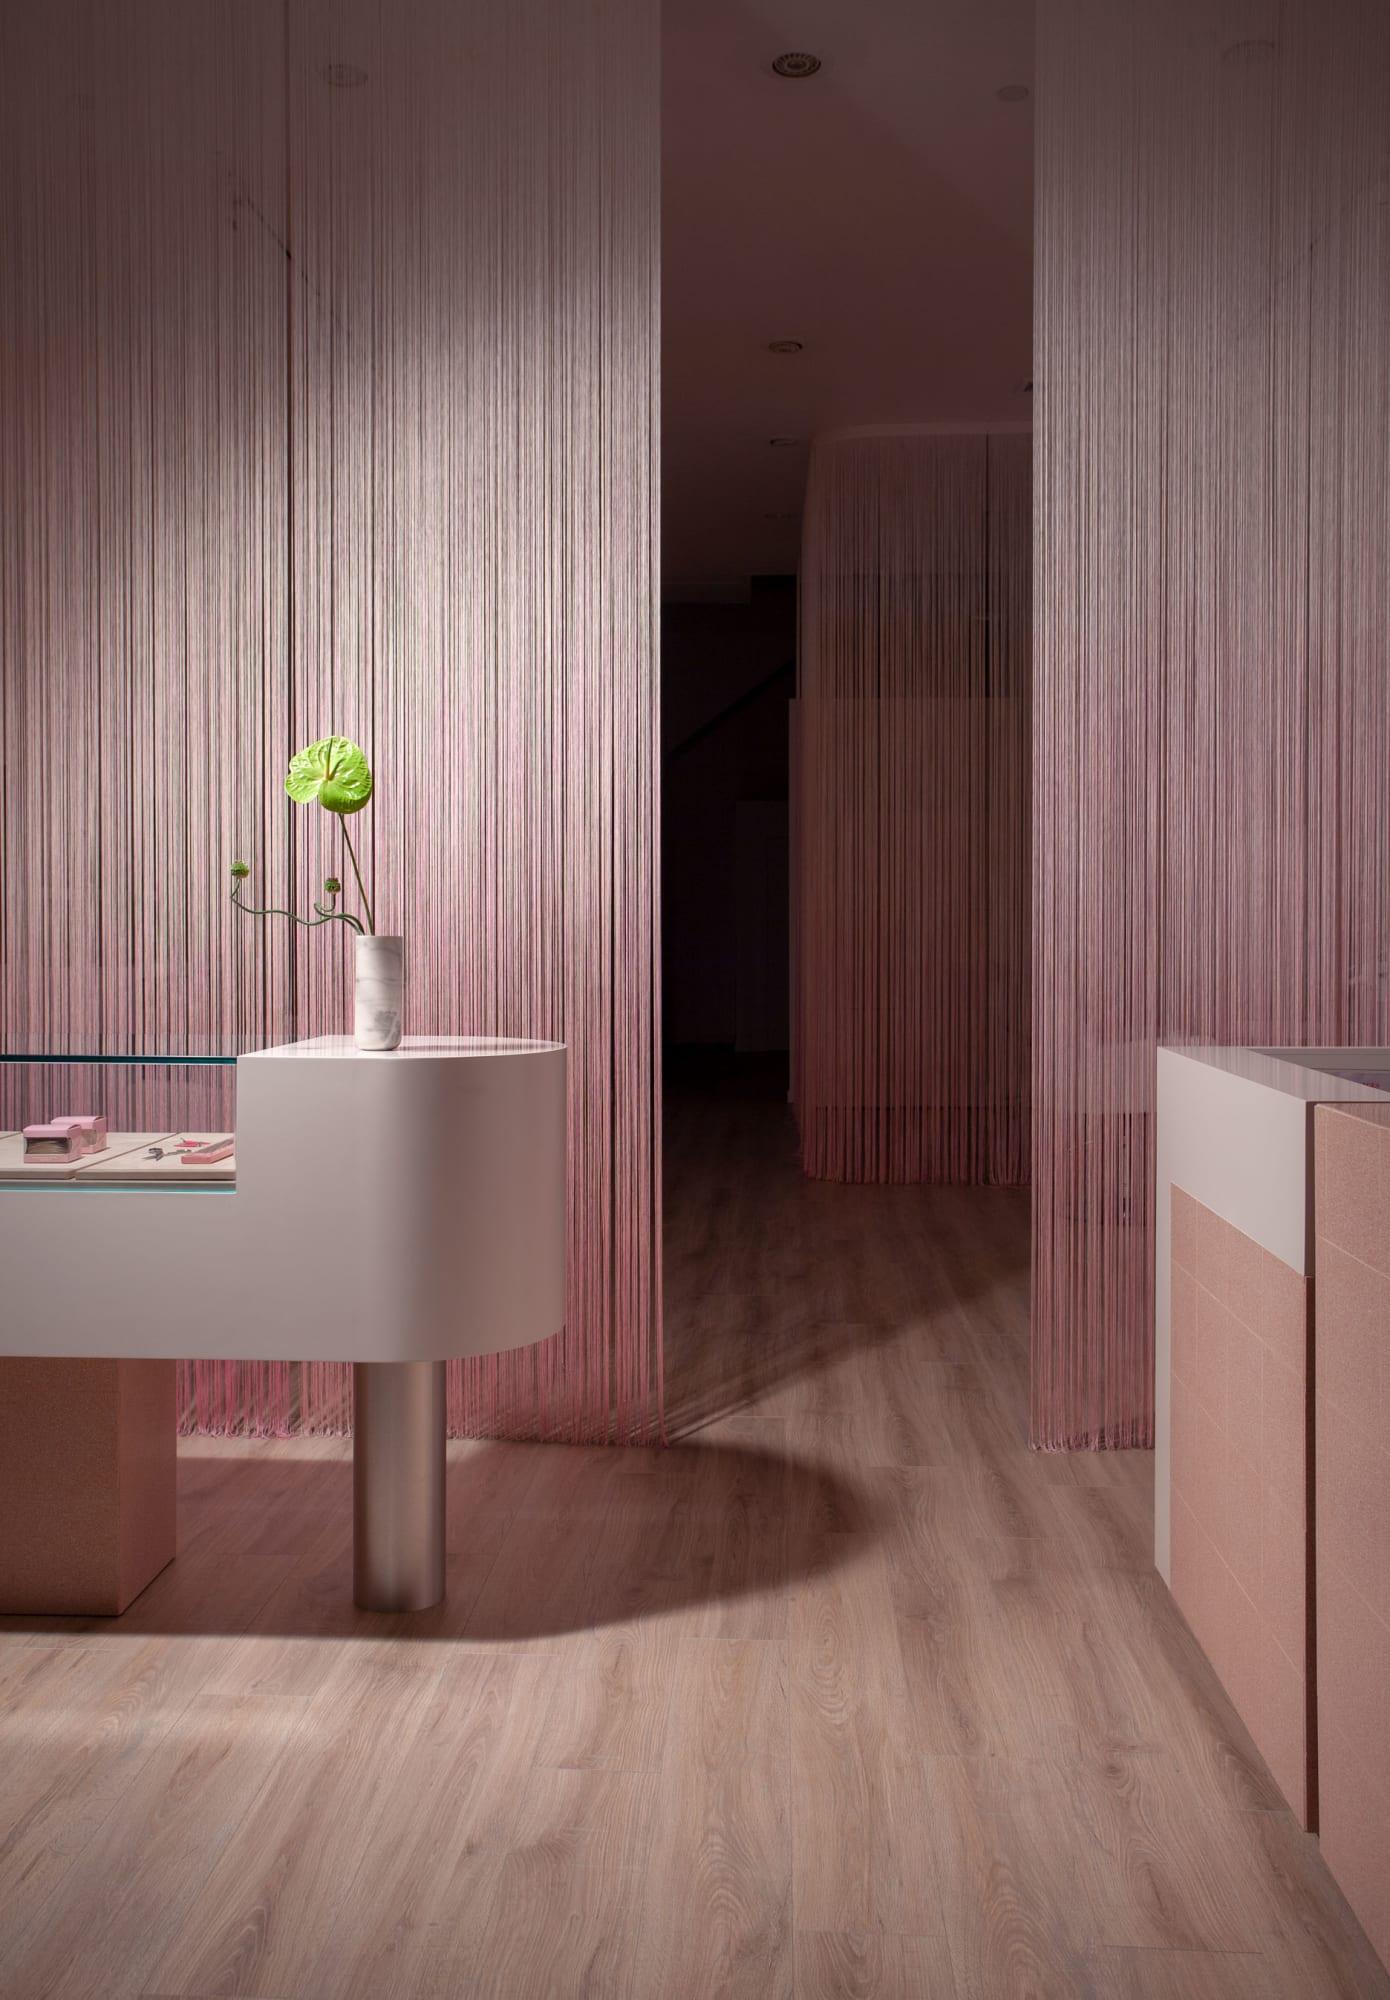 Sergio Mannino Studio Glam Semaless Divisare